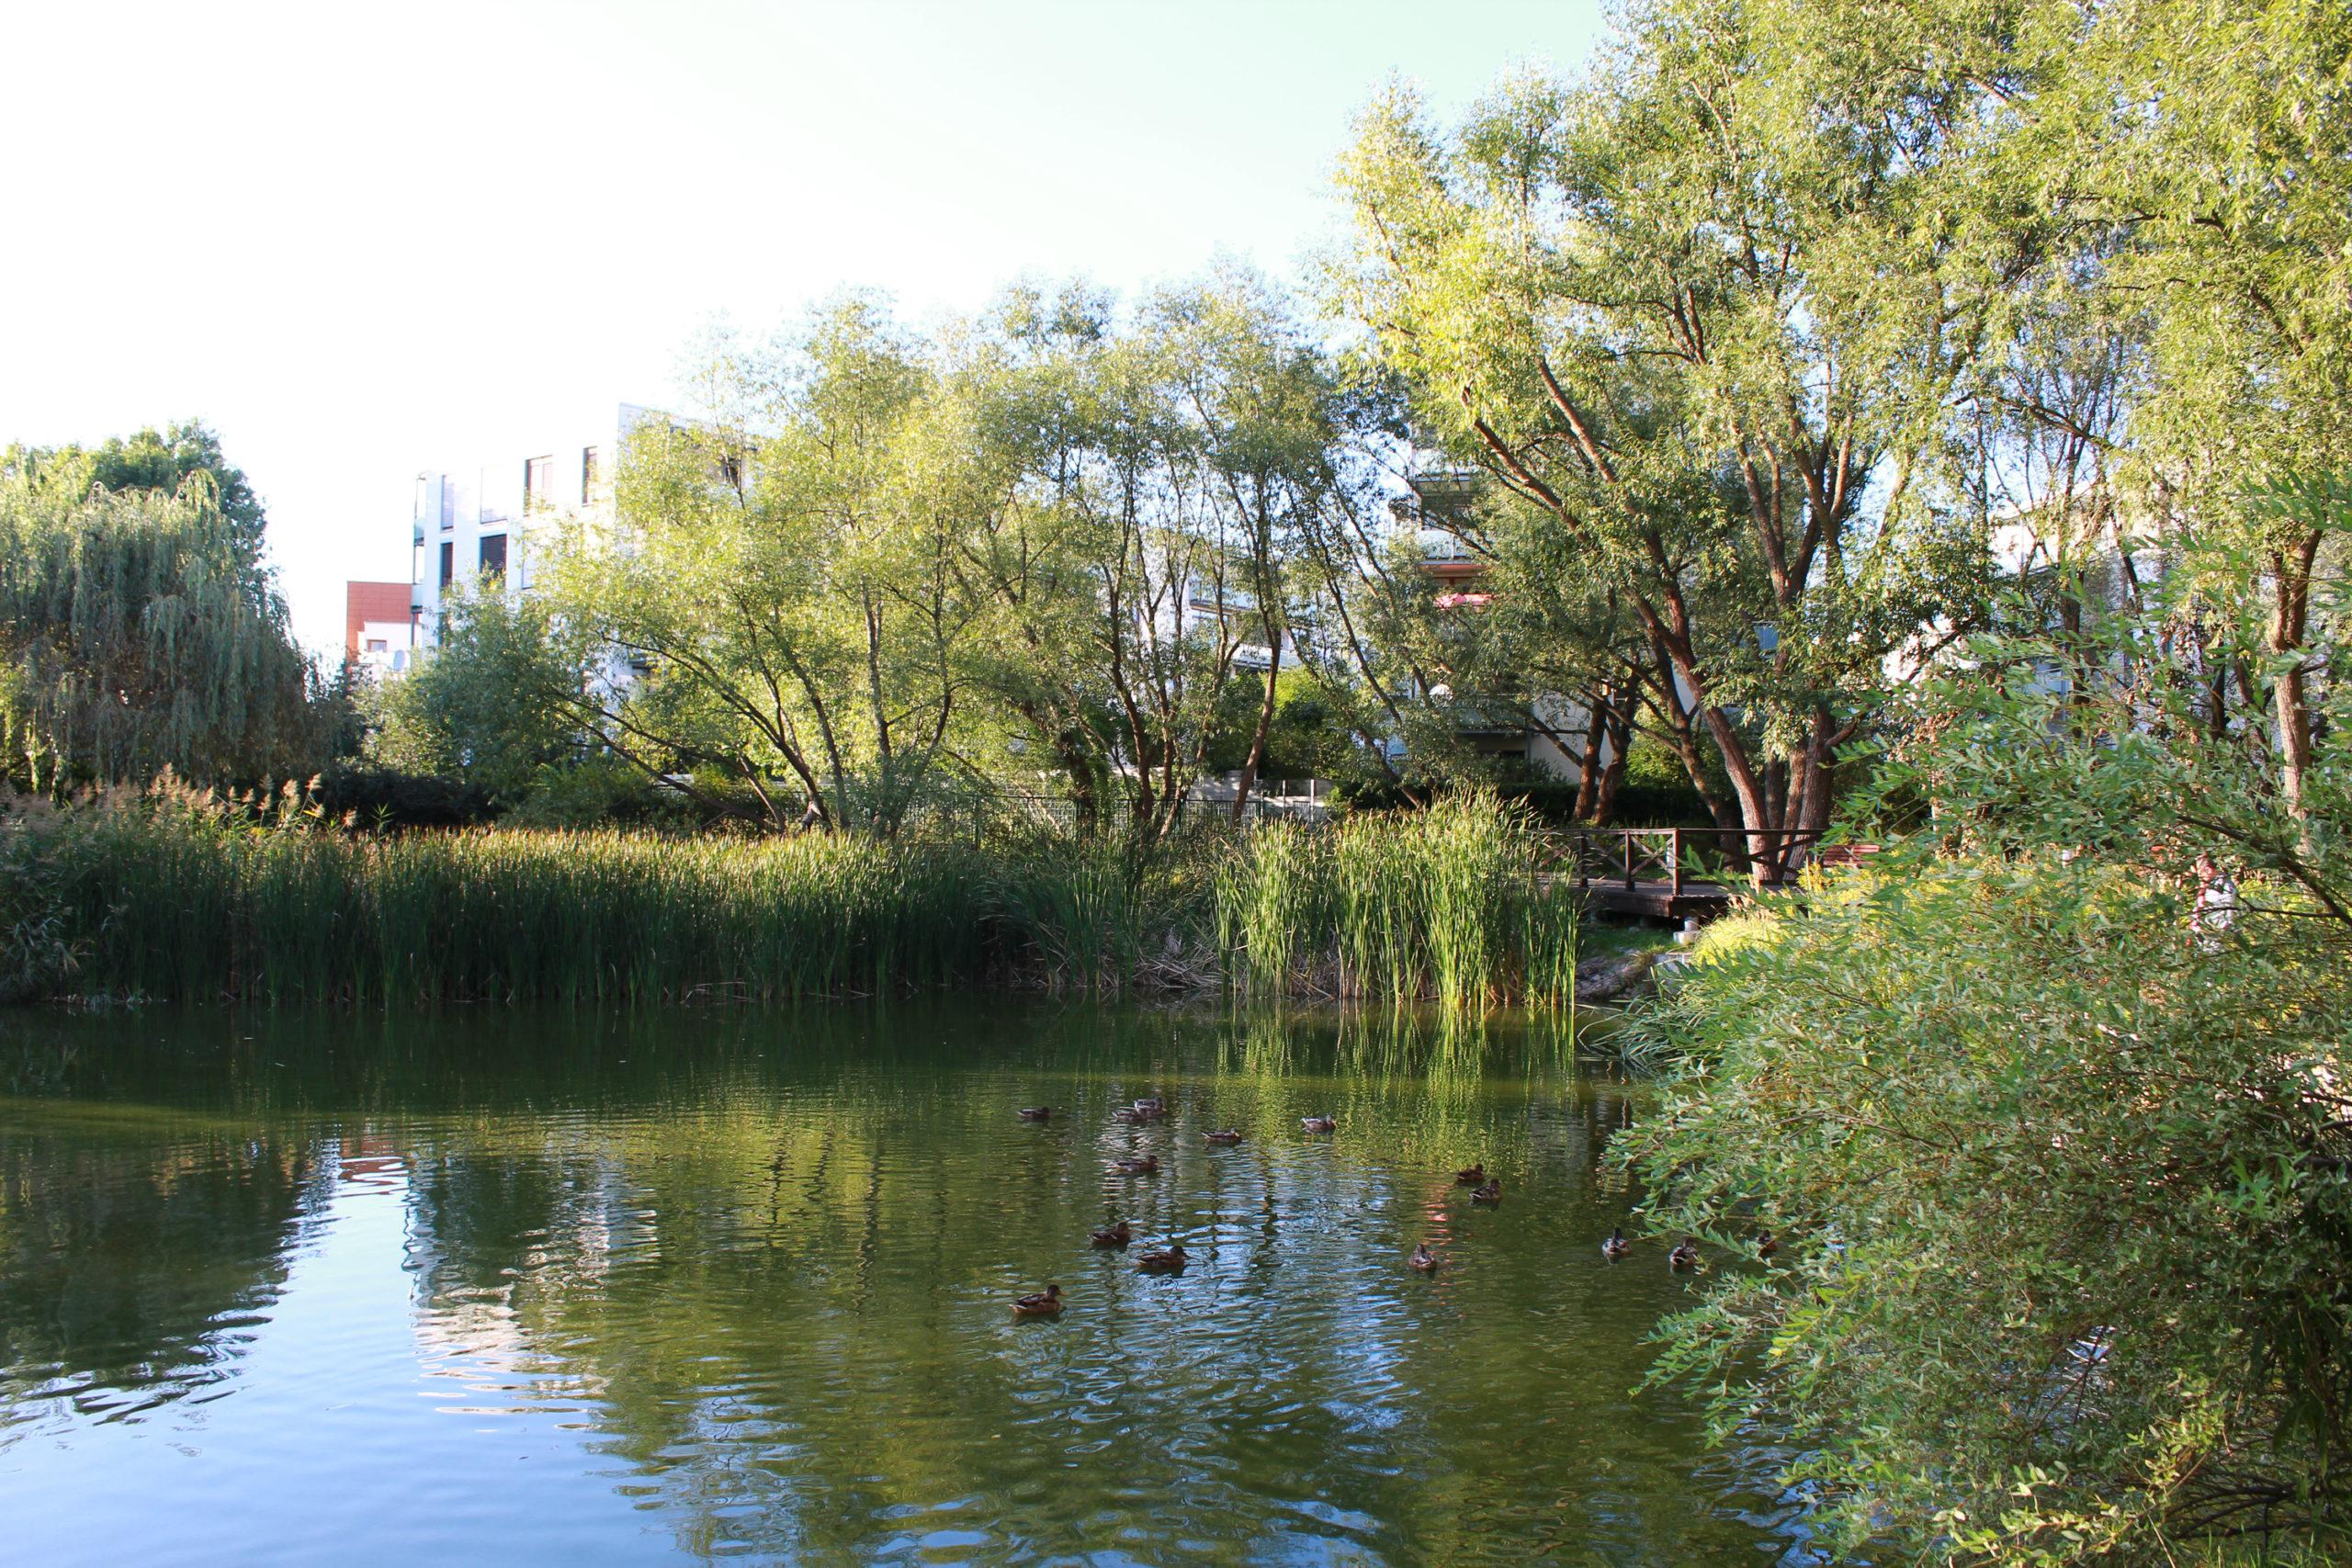 jeziorko z zielenią na brzegach